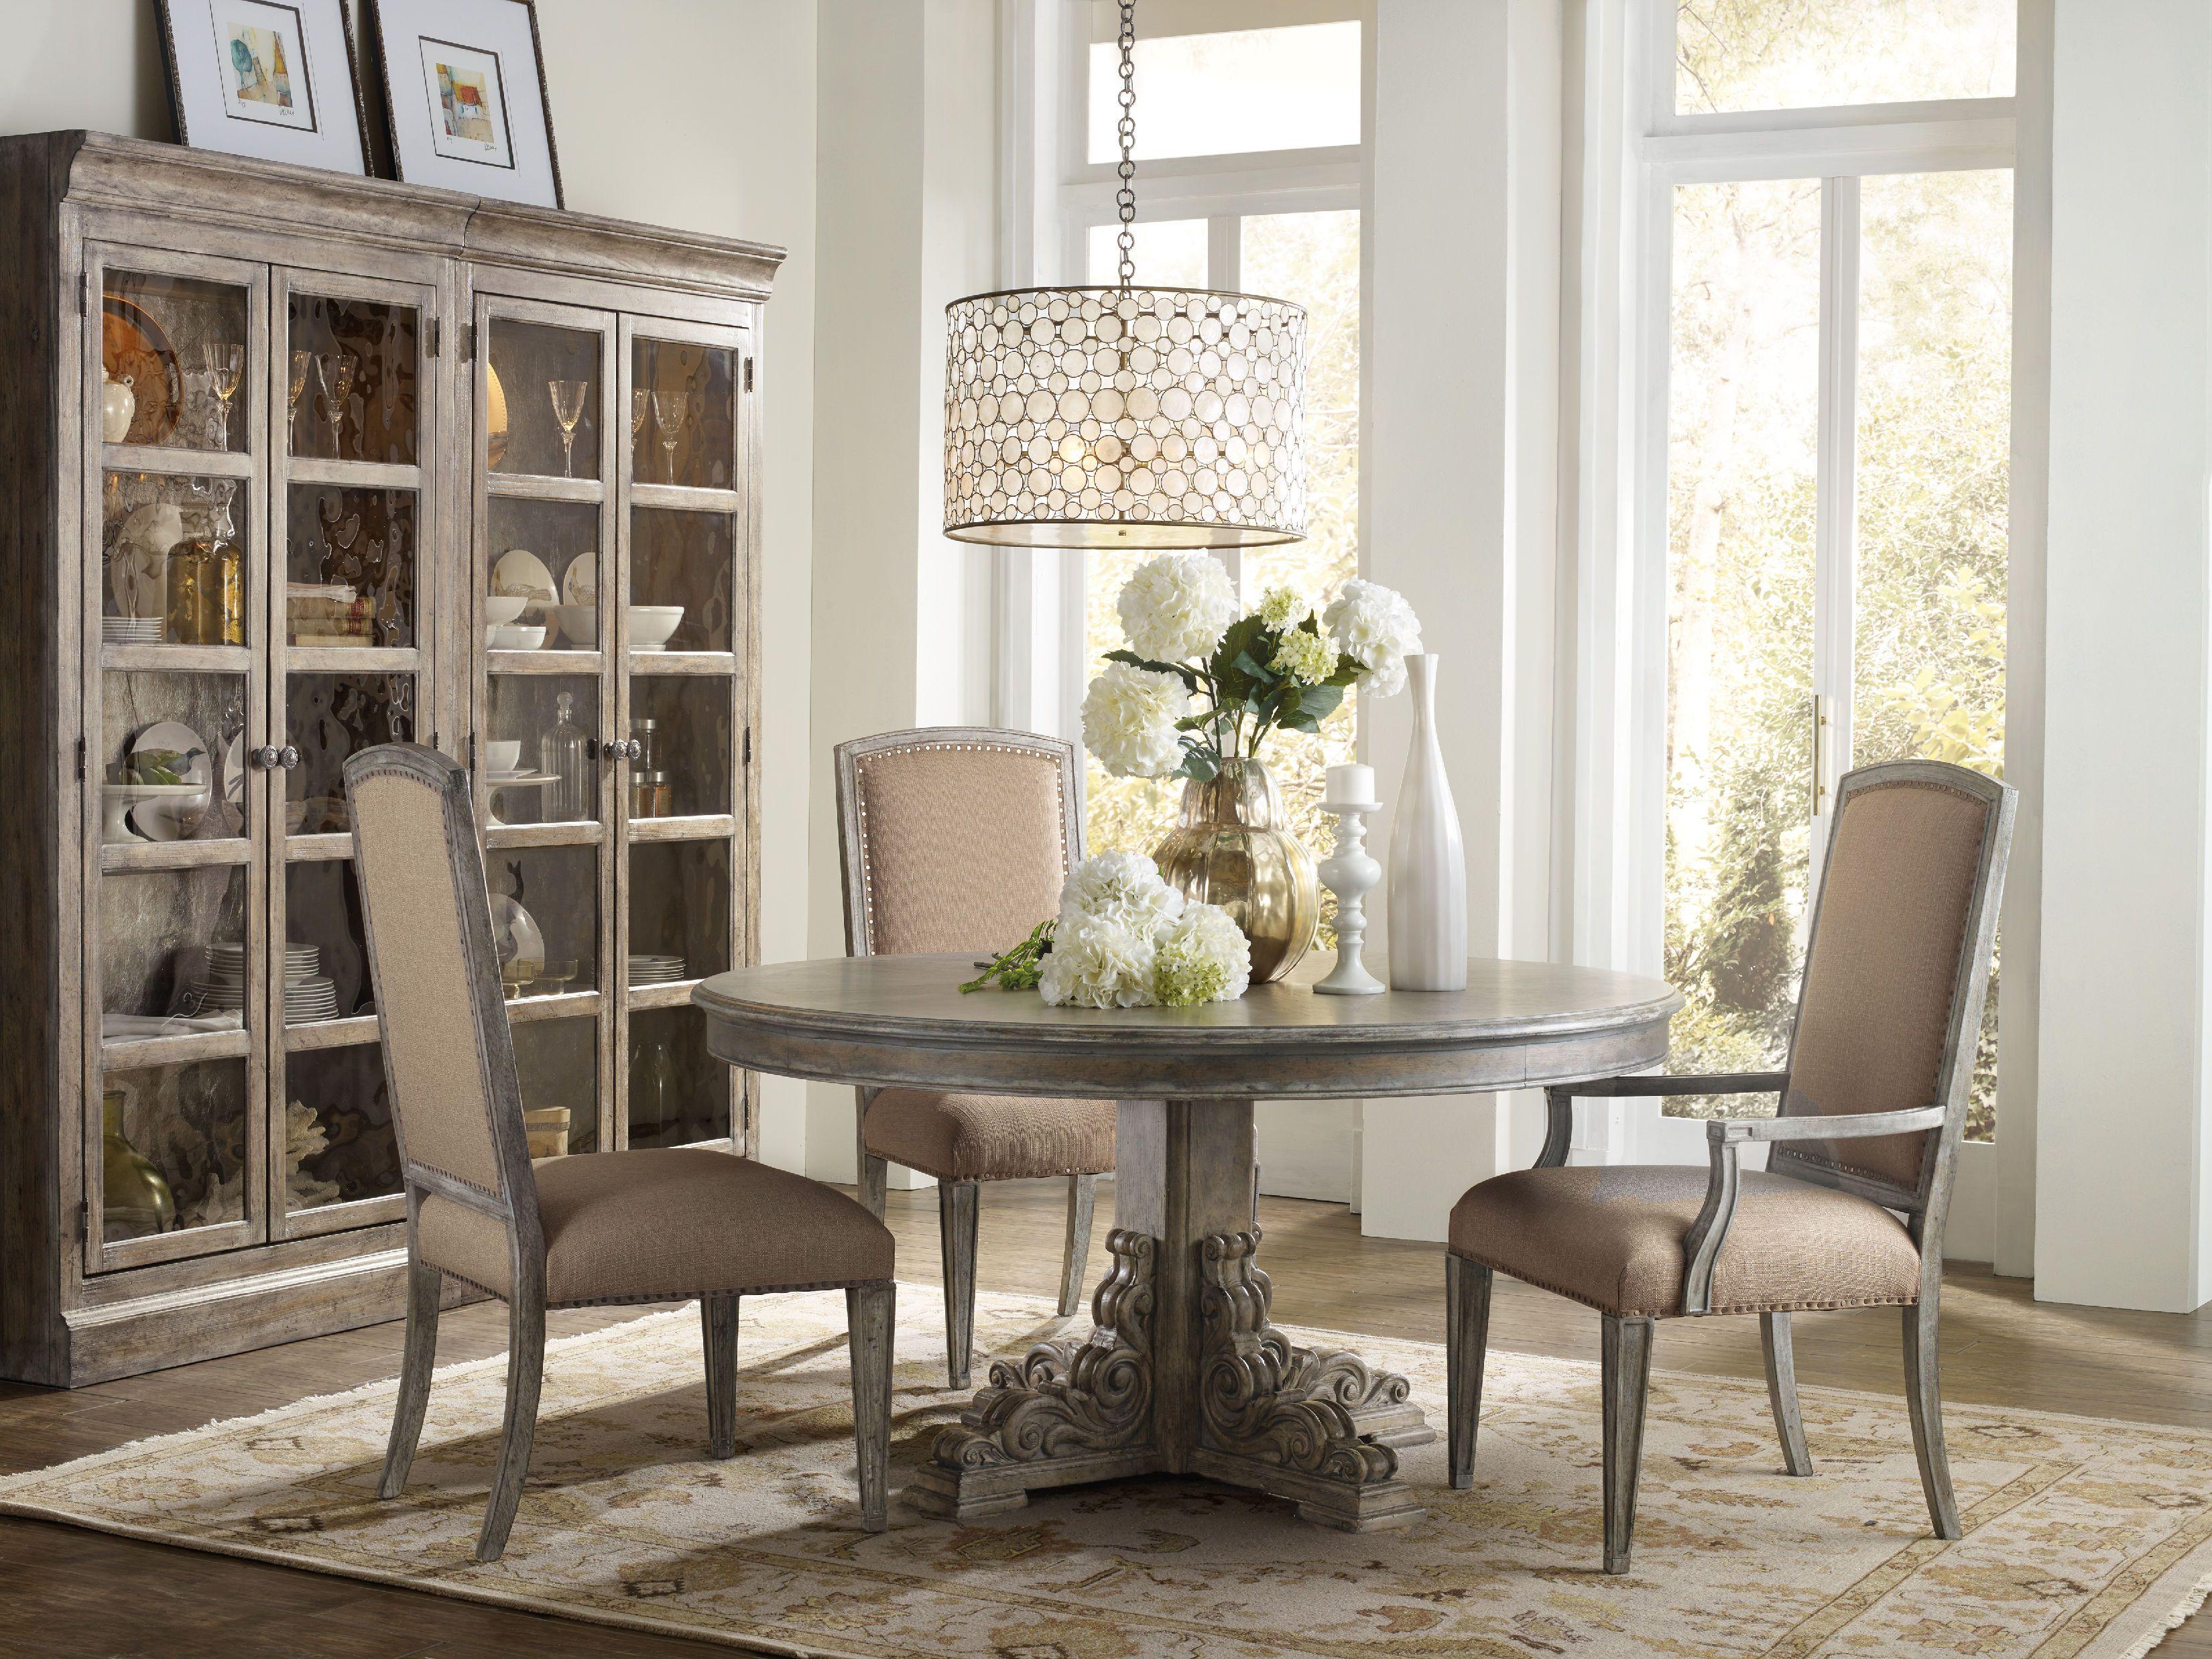 Hooker Furniture True Vintage Upholstered Arm Chair 5701 75400